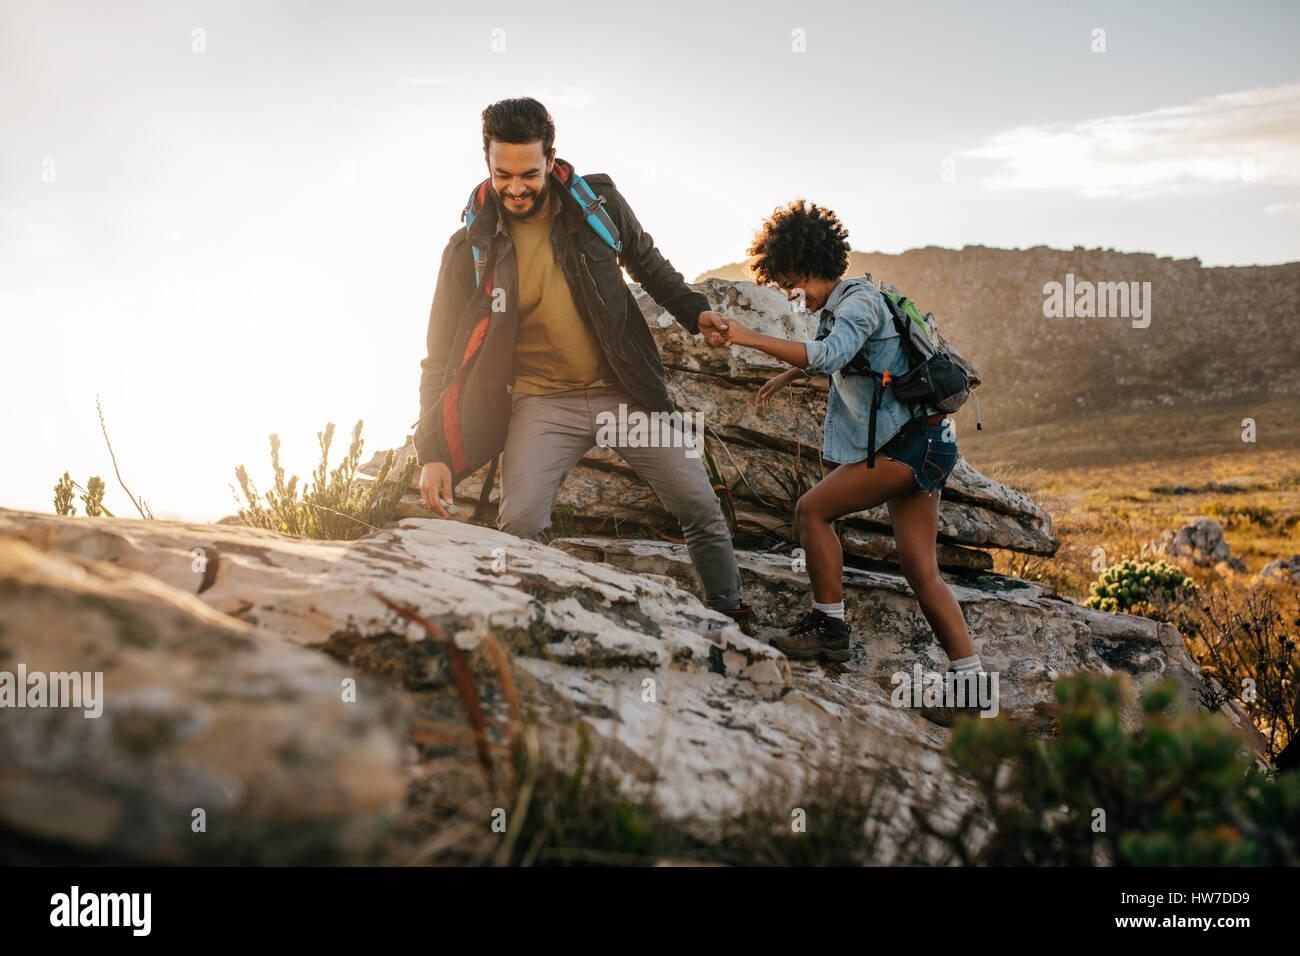 Giovane uomo aiutando un amico a salire la roccia. Coppia giovane escursioni nella natura. Immagini Stock